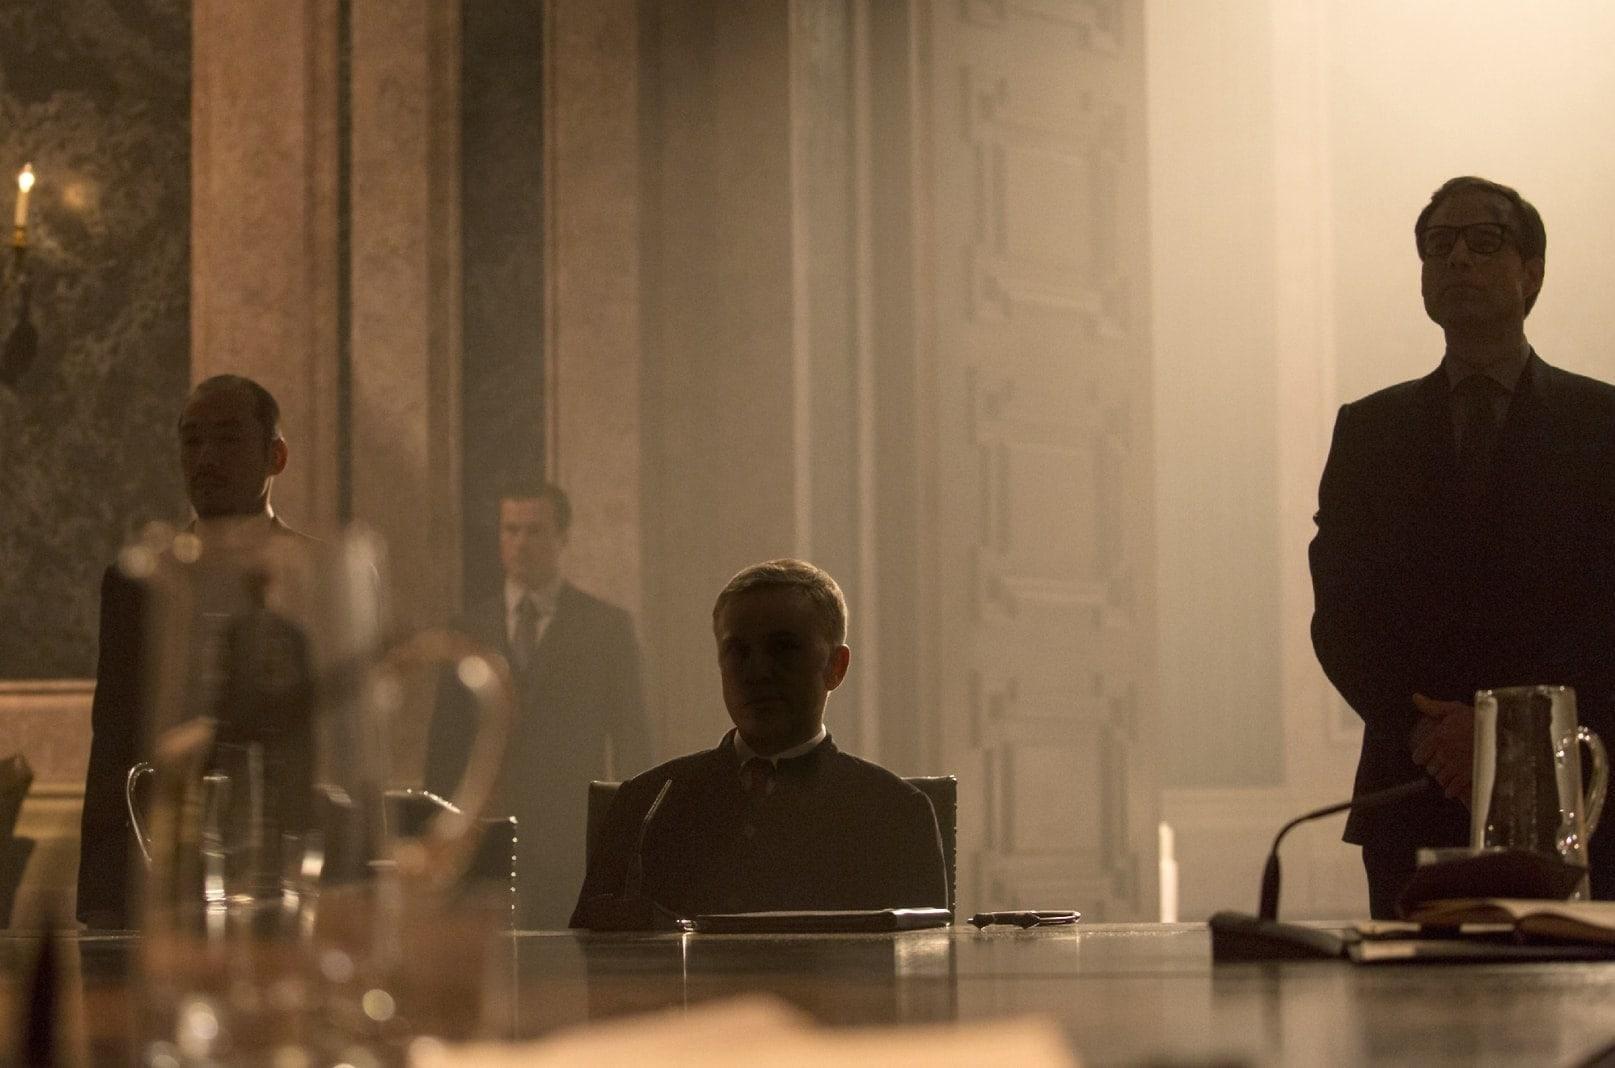 James Bond: Der Kampf gegen das Böse – die Film-Bösewichte von 007